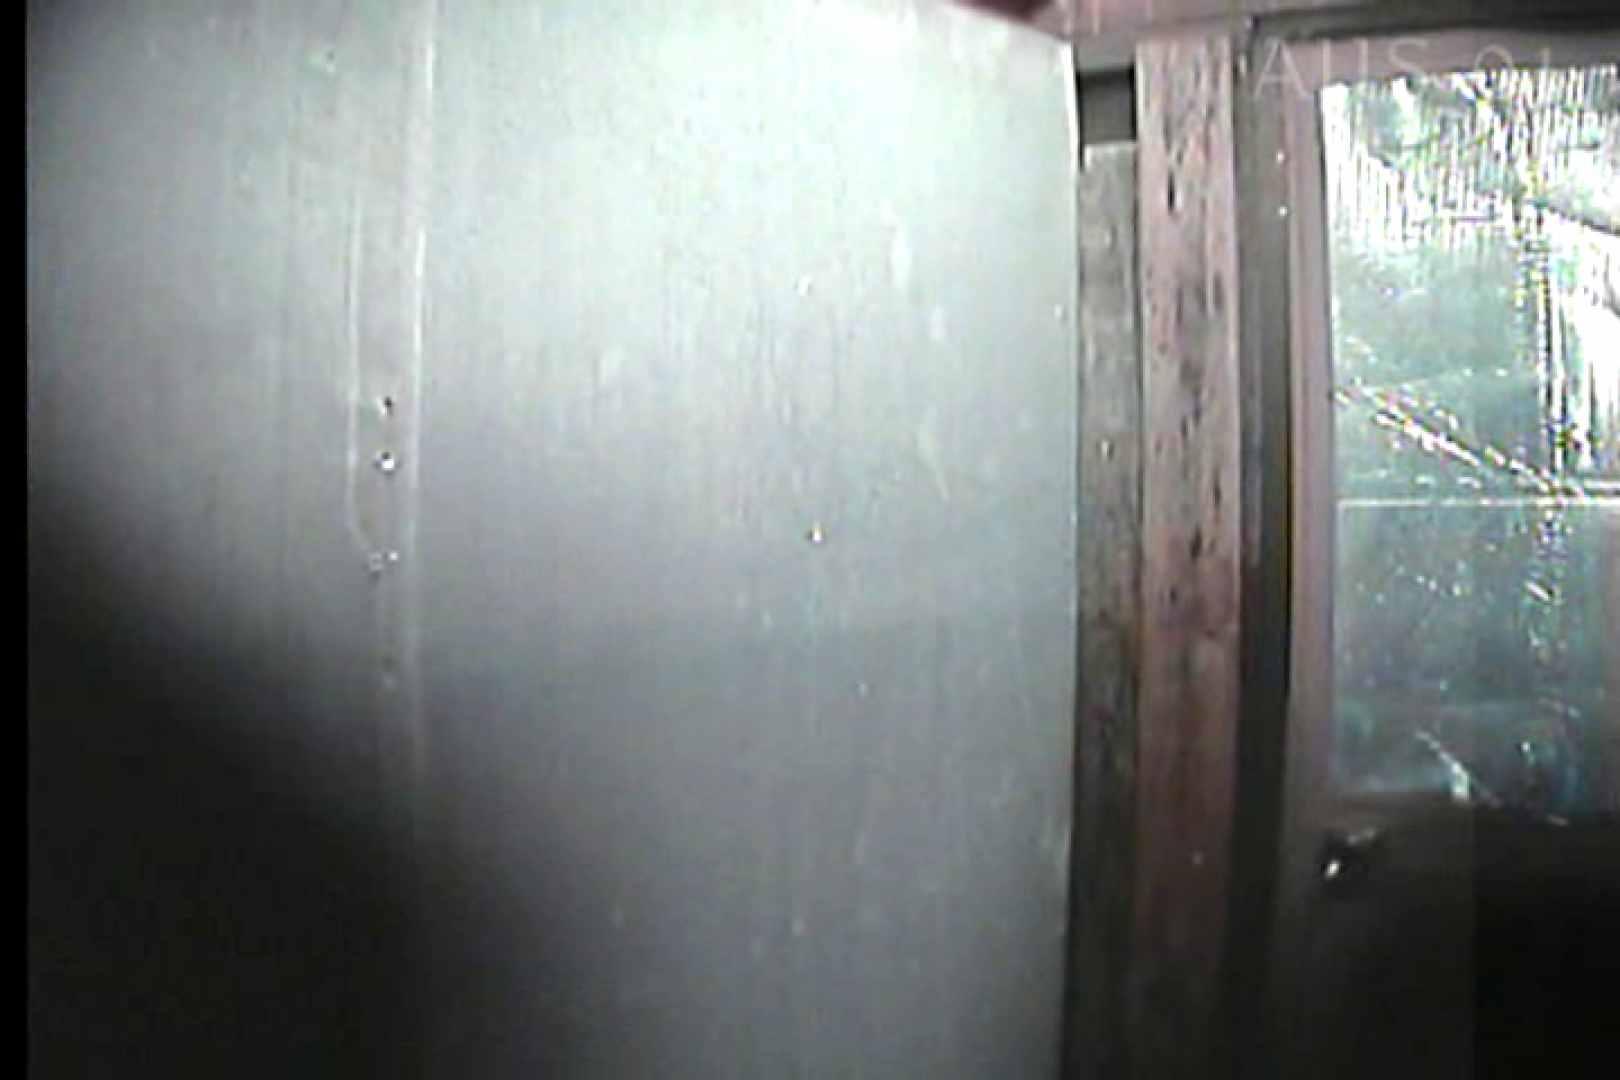 露天風呂脱衣所お着替え盗撮 Vol.01 OLのボディ セックス画像 69PIX 7